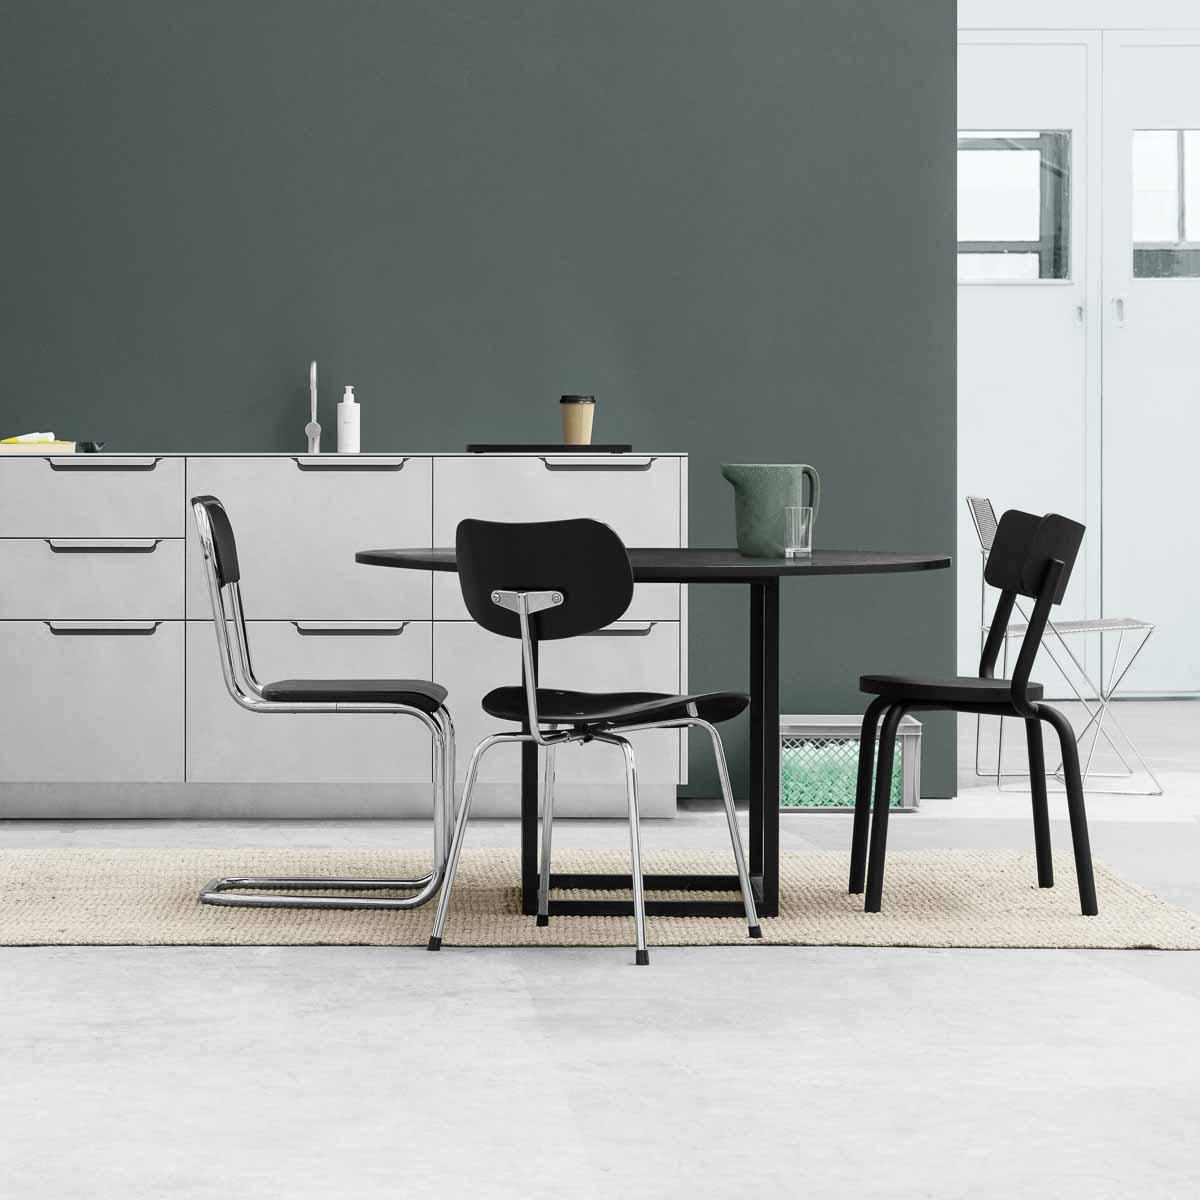 Küchenfronten für Ikea Küchen von Reform-5